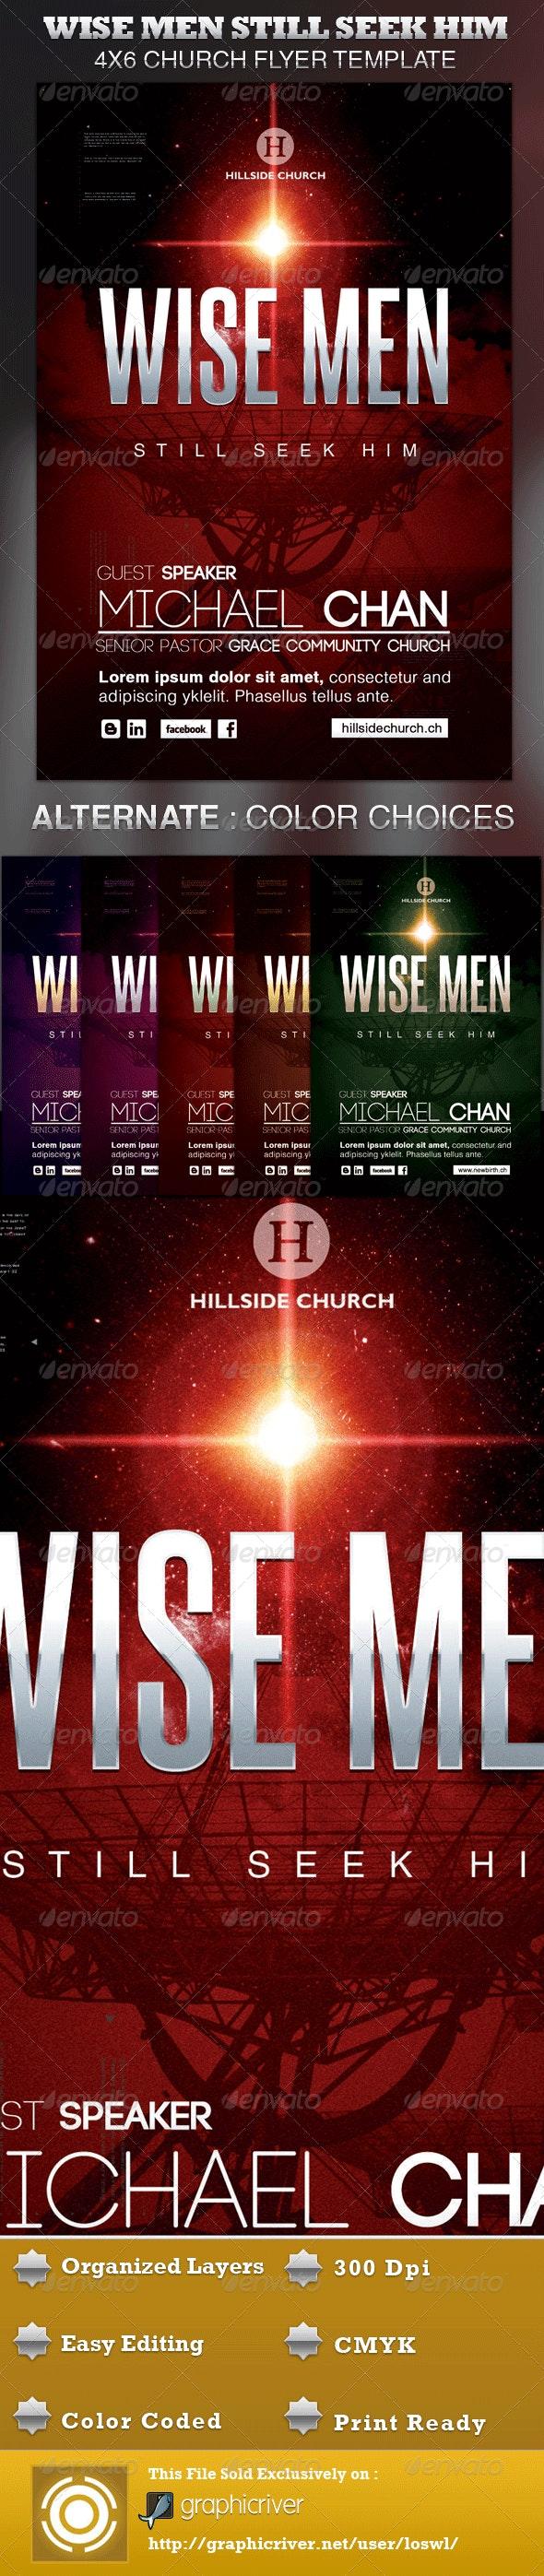 Wise Men Still Seek Him Church Flyer Template - Church Flyers